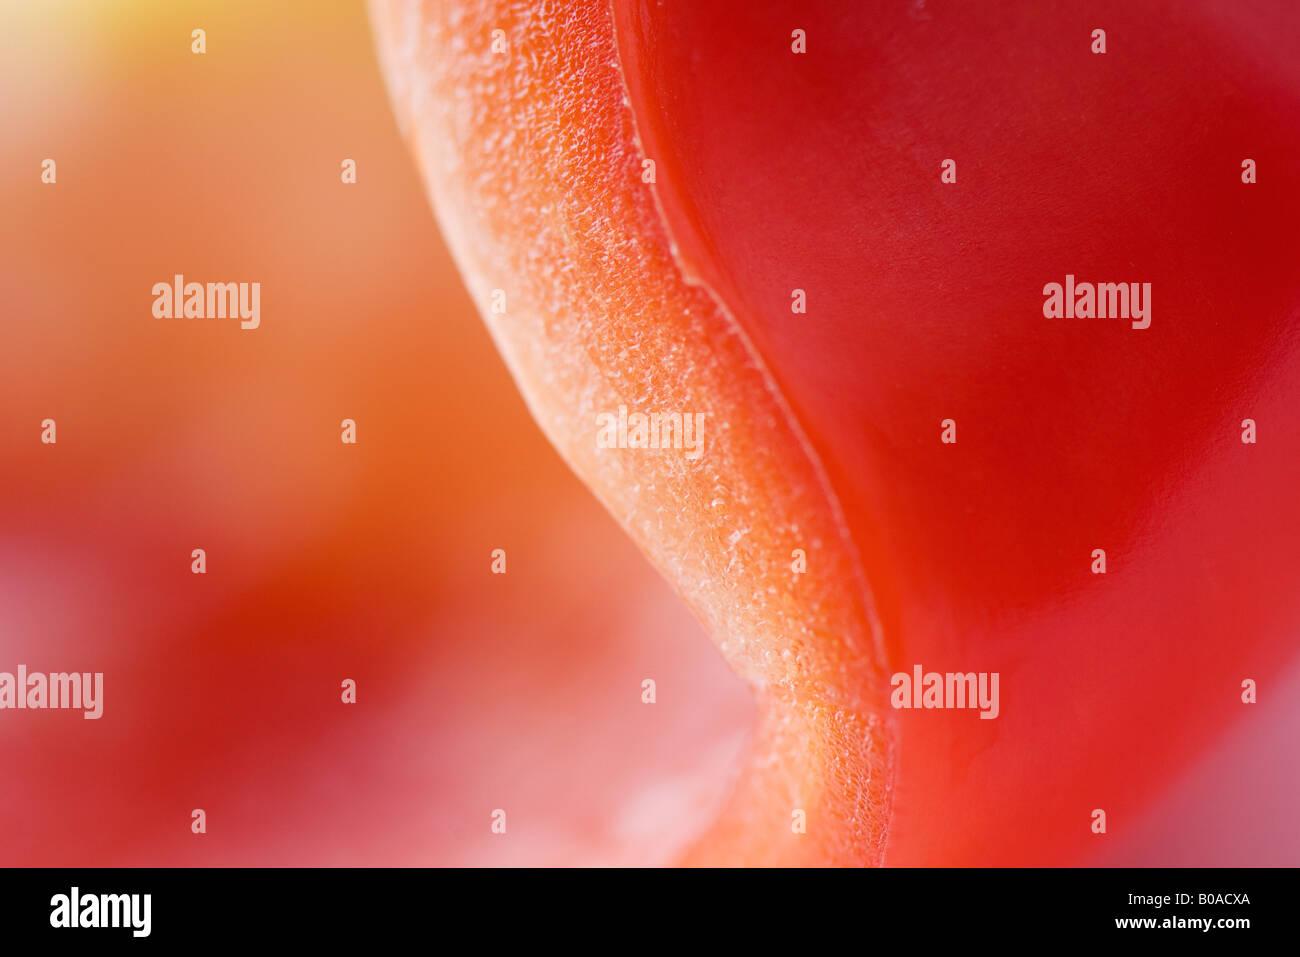 Pimiento rojo, extreme close-up Imagen De Stock